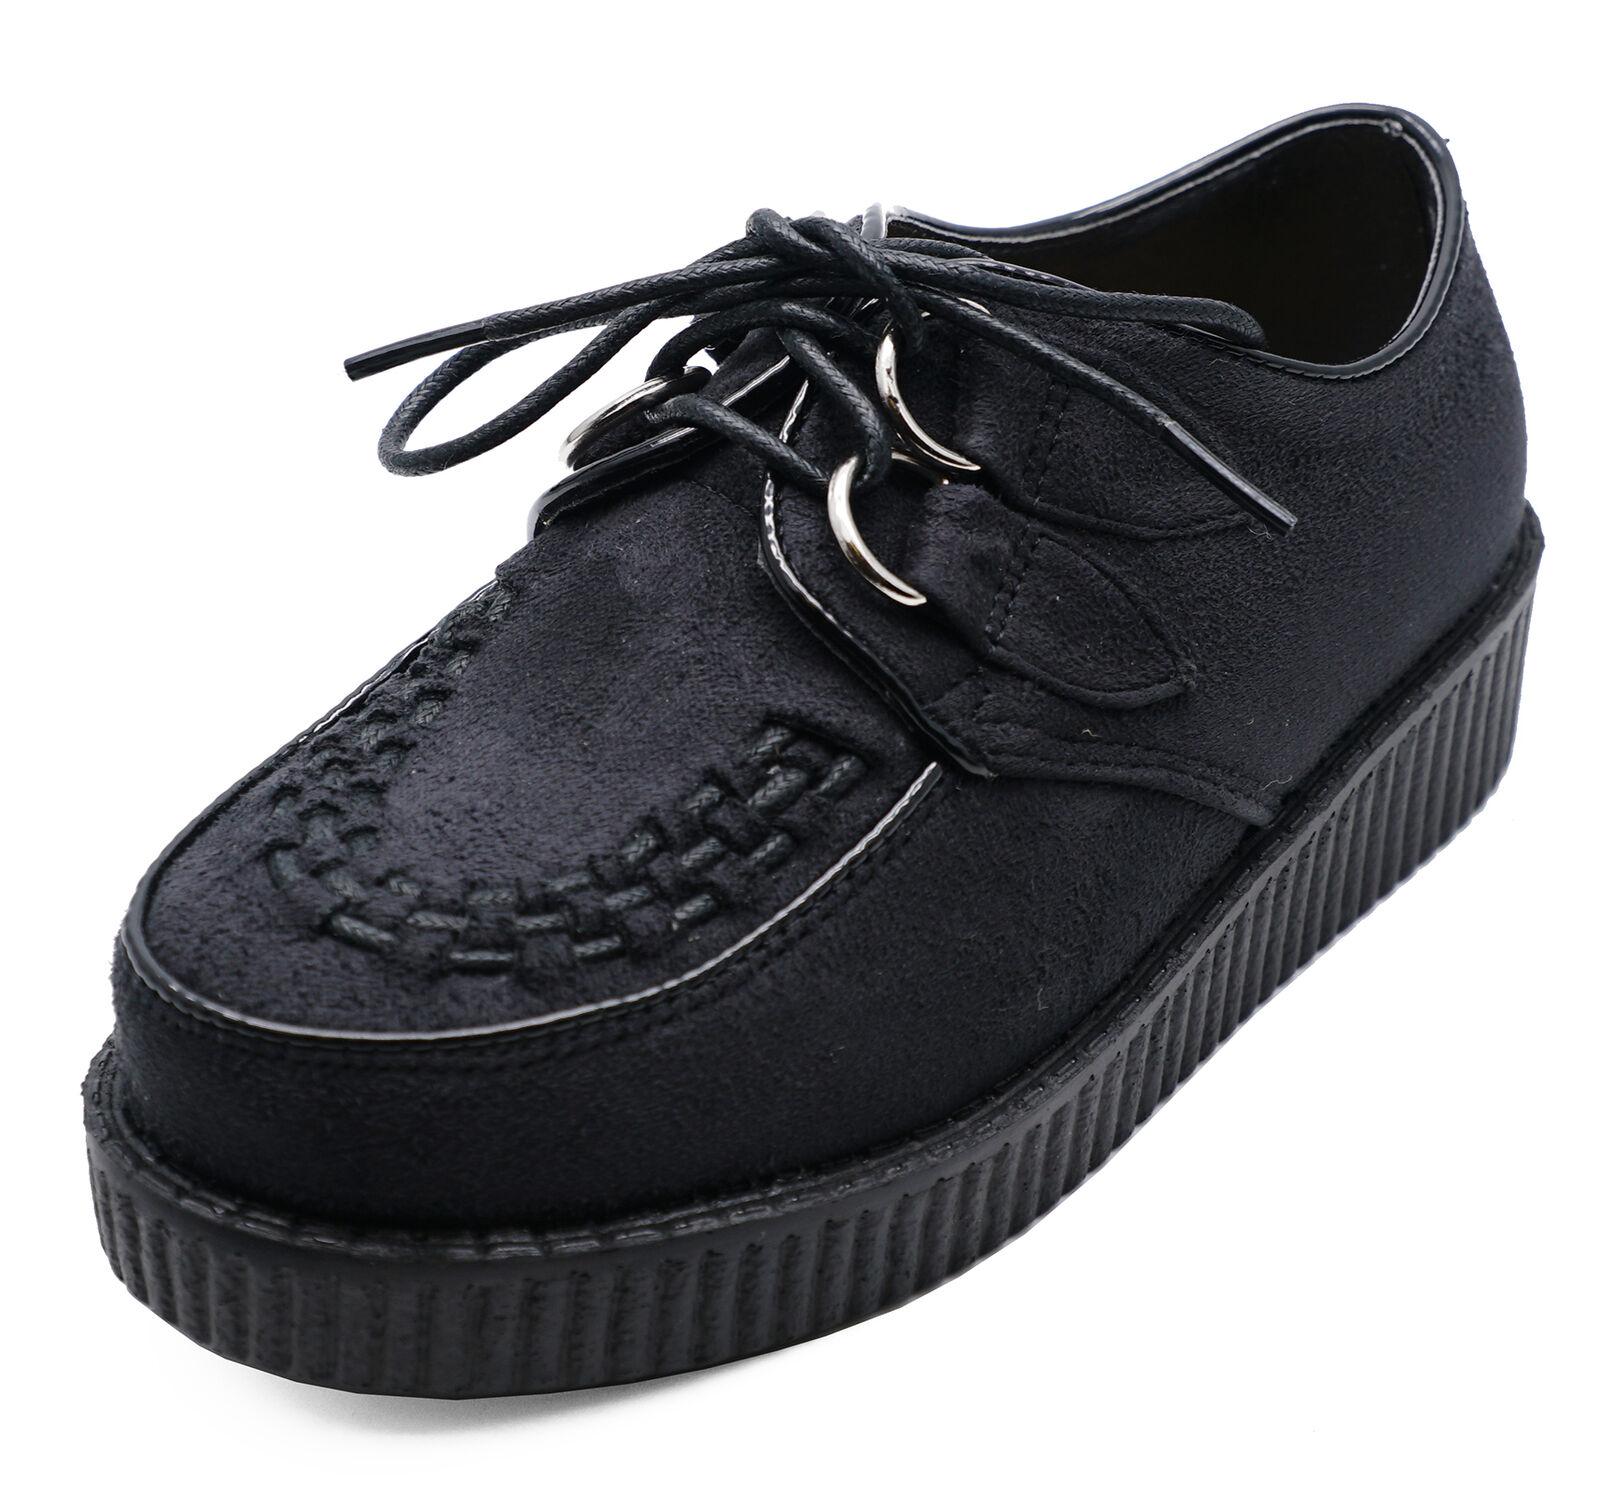 BOYS GIRLS KIDS LACE-UP BLACK FANCY